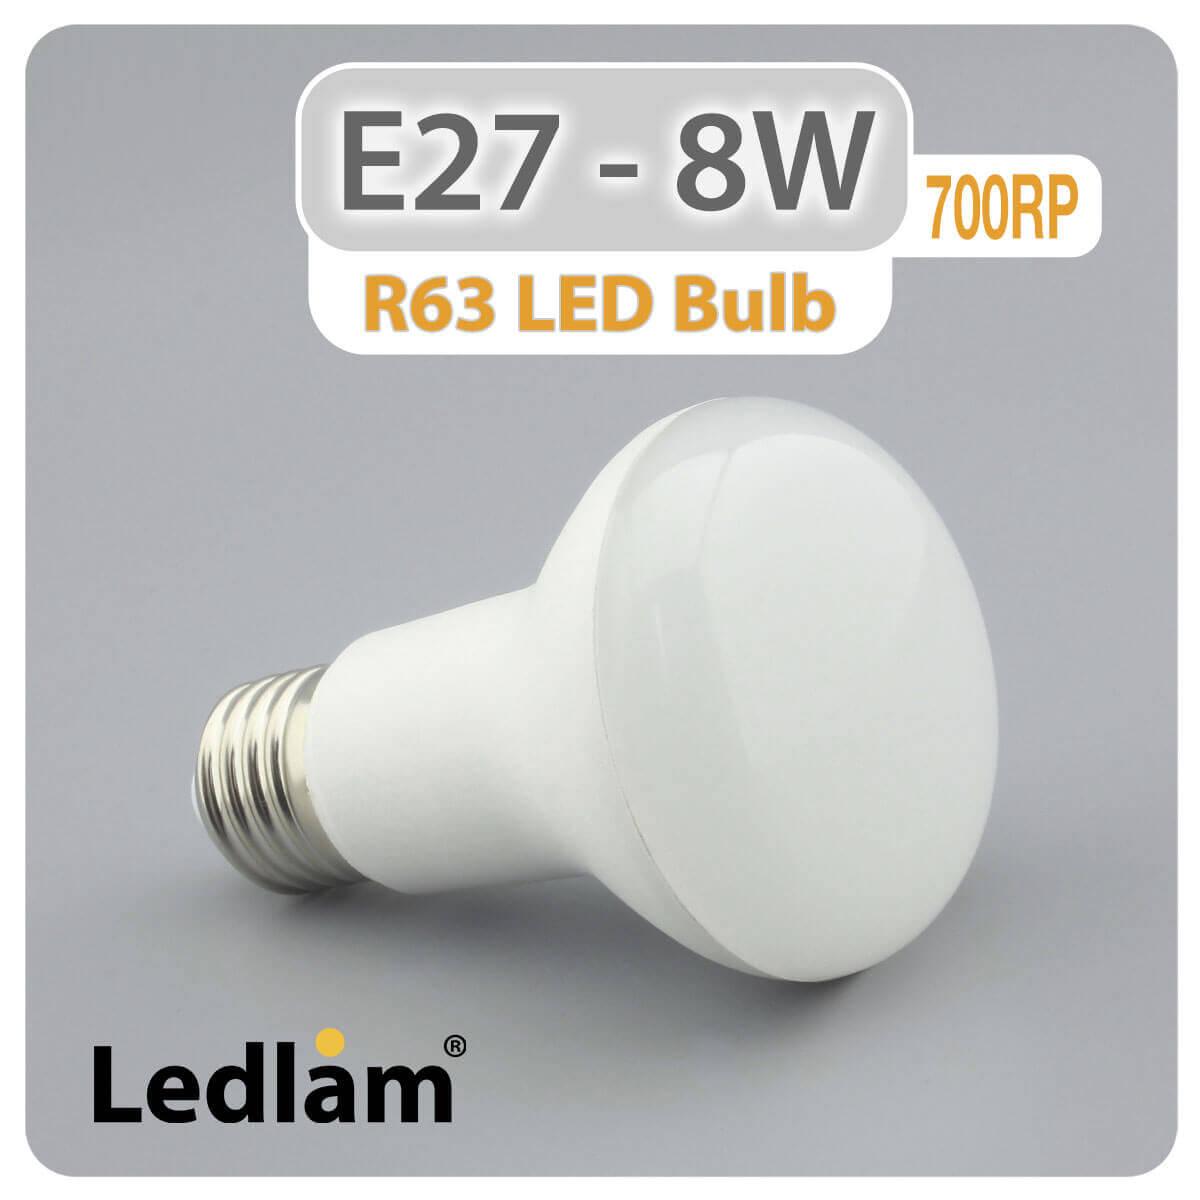 E27 R63 Led Reflector Bulb 8w 700rp Ledlam Lighting